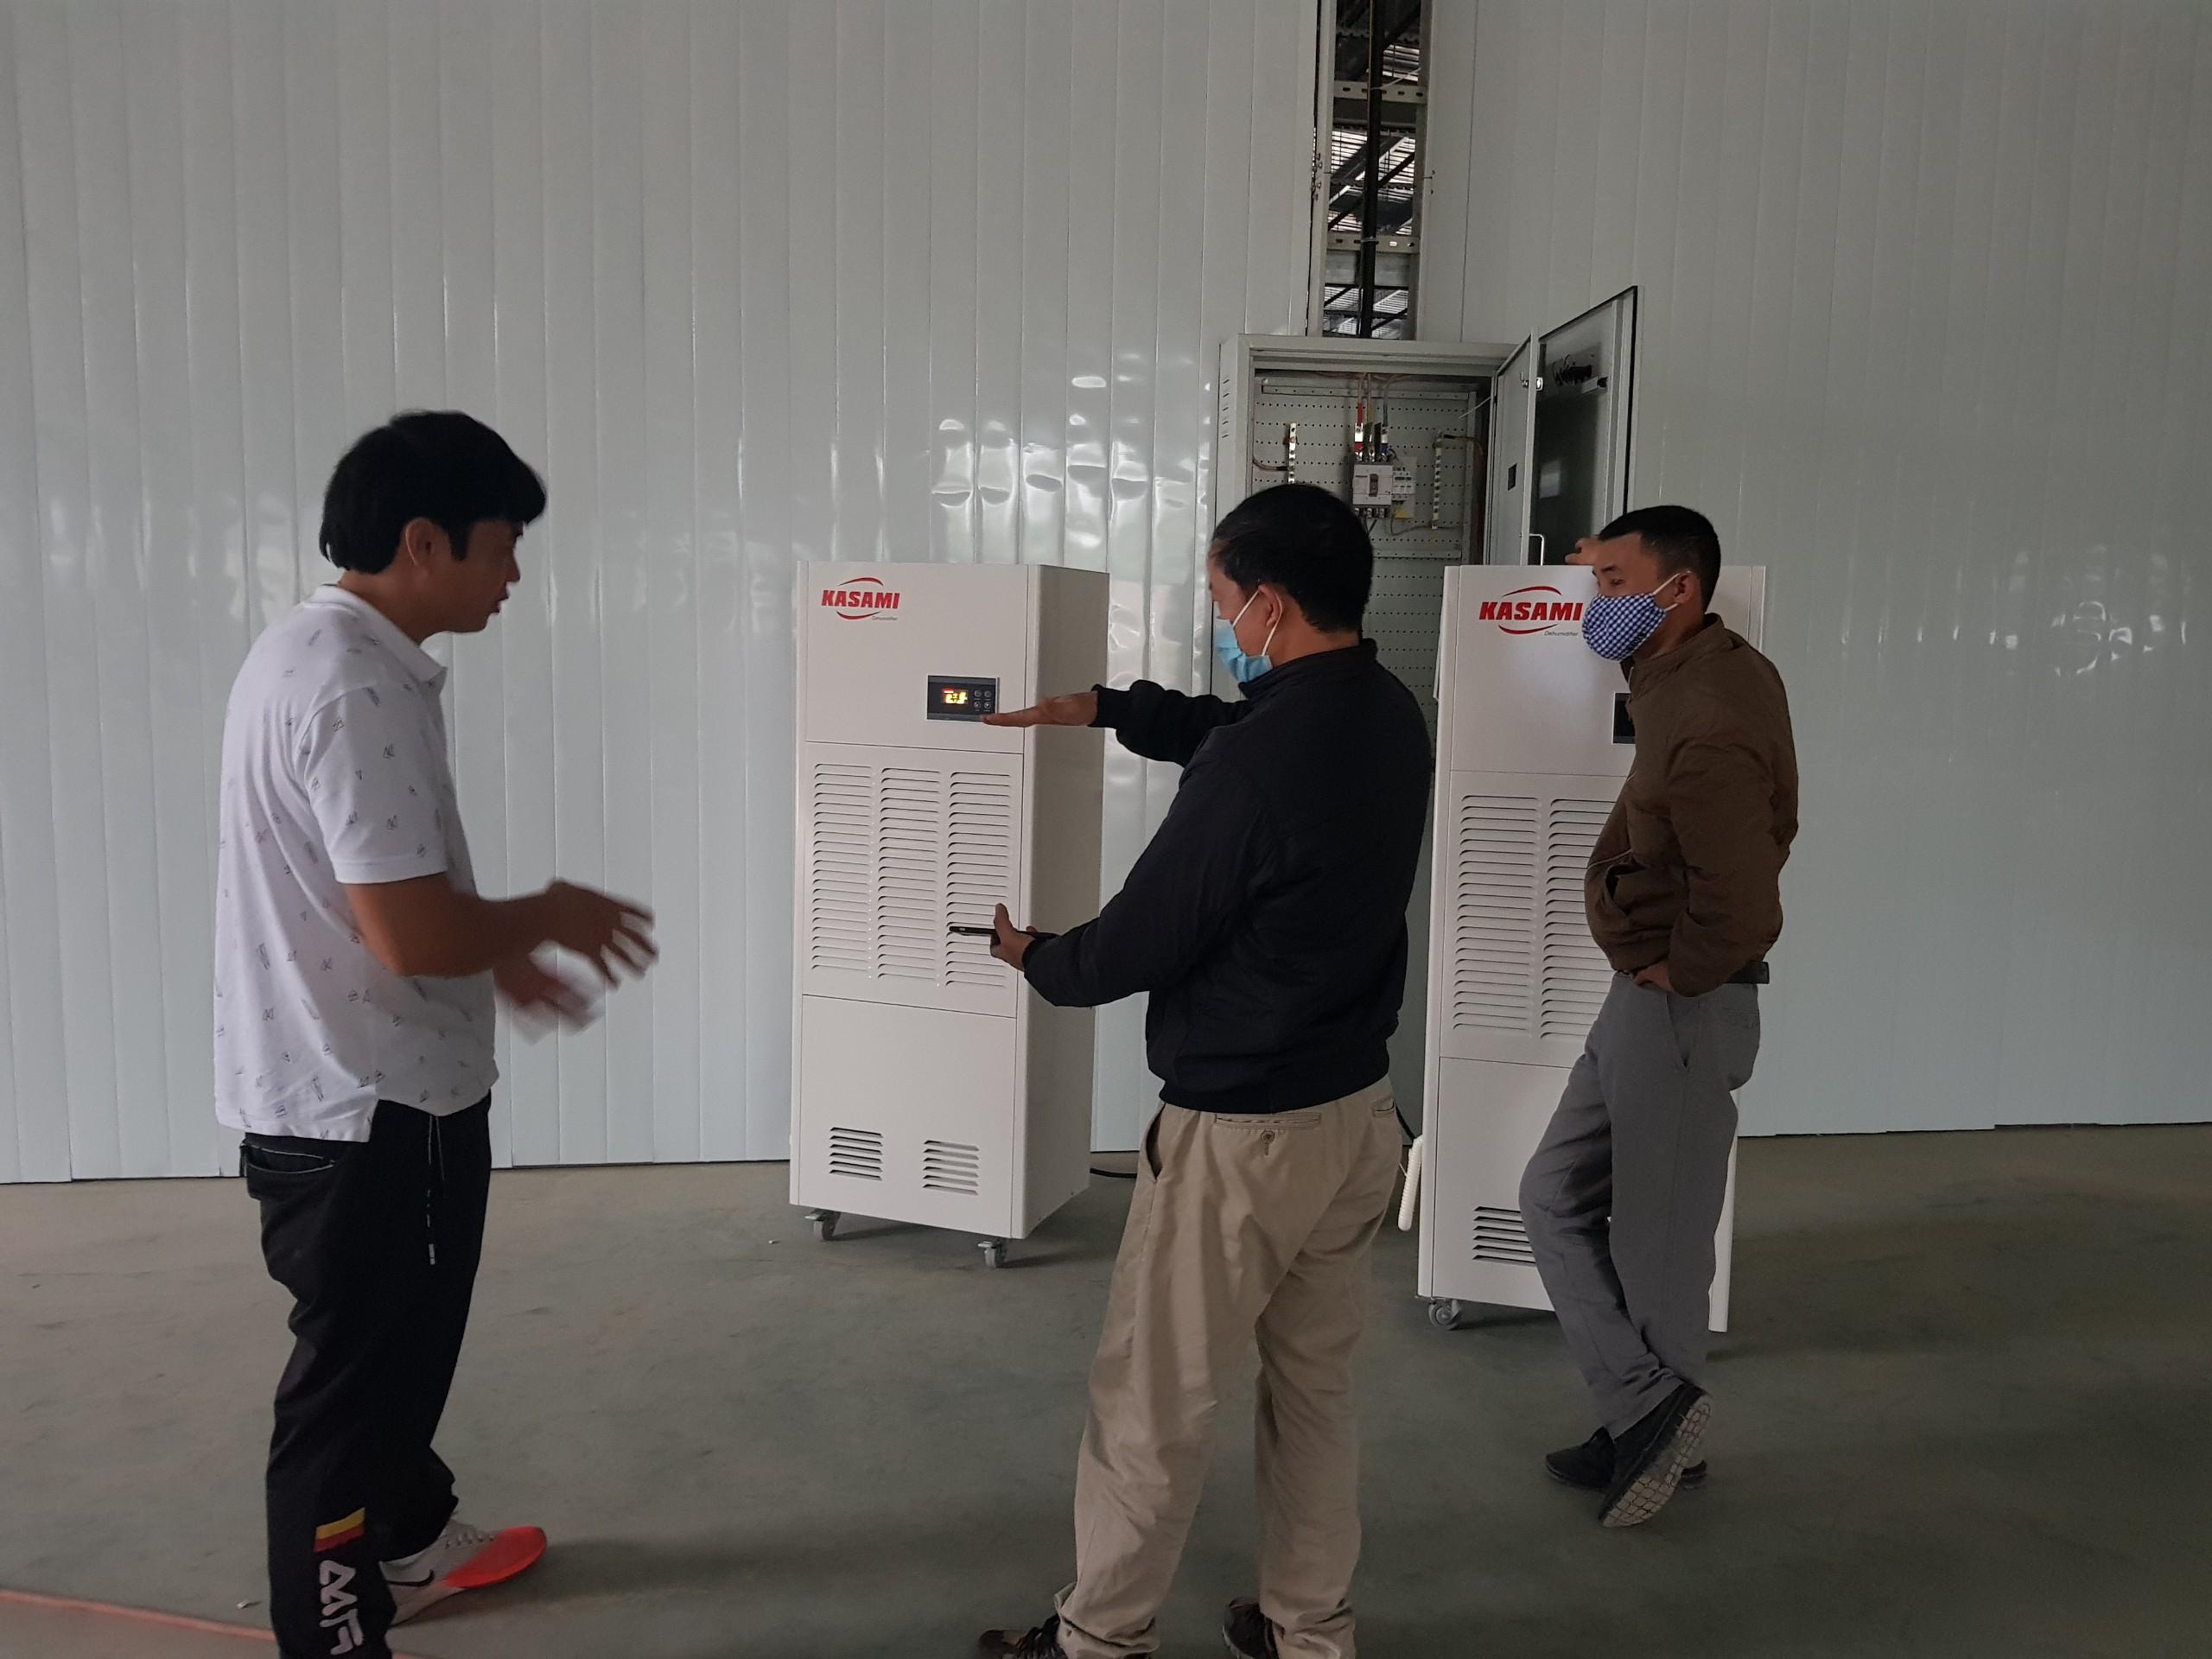 Máy hút ẩm công nghiệp giá rẻ tại Hà Nội loại nào tốt theo chuyên gia